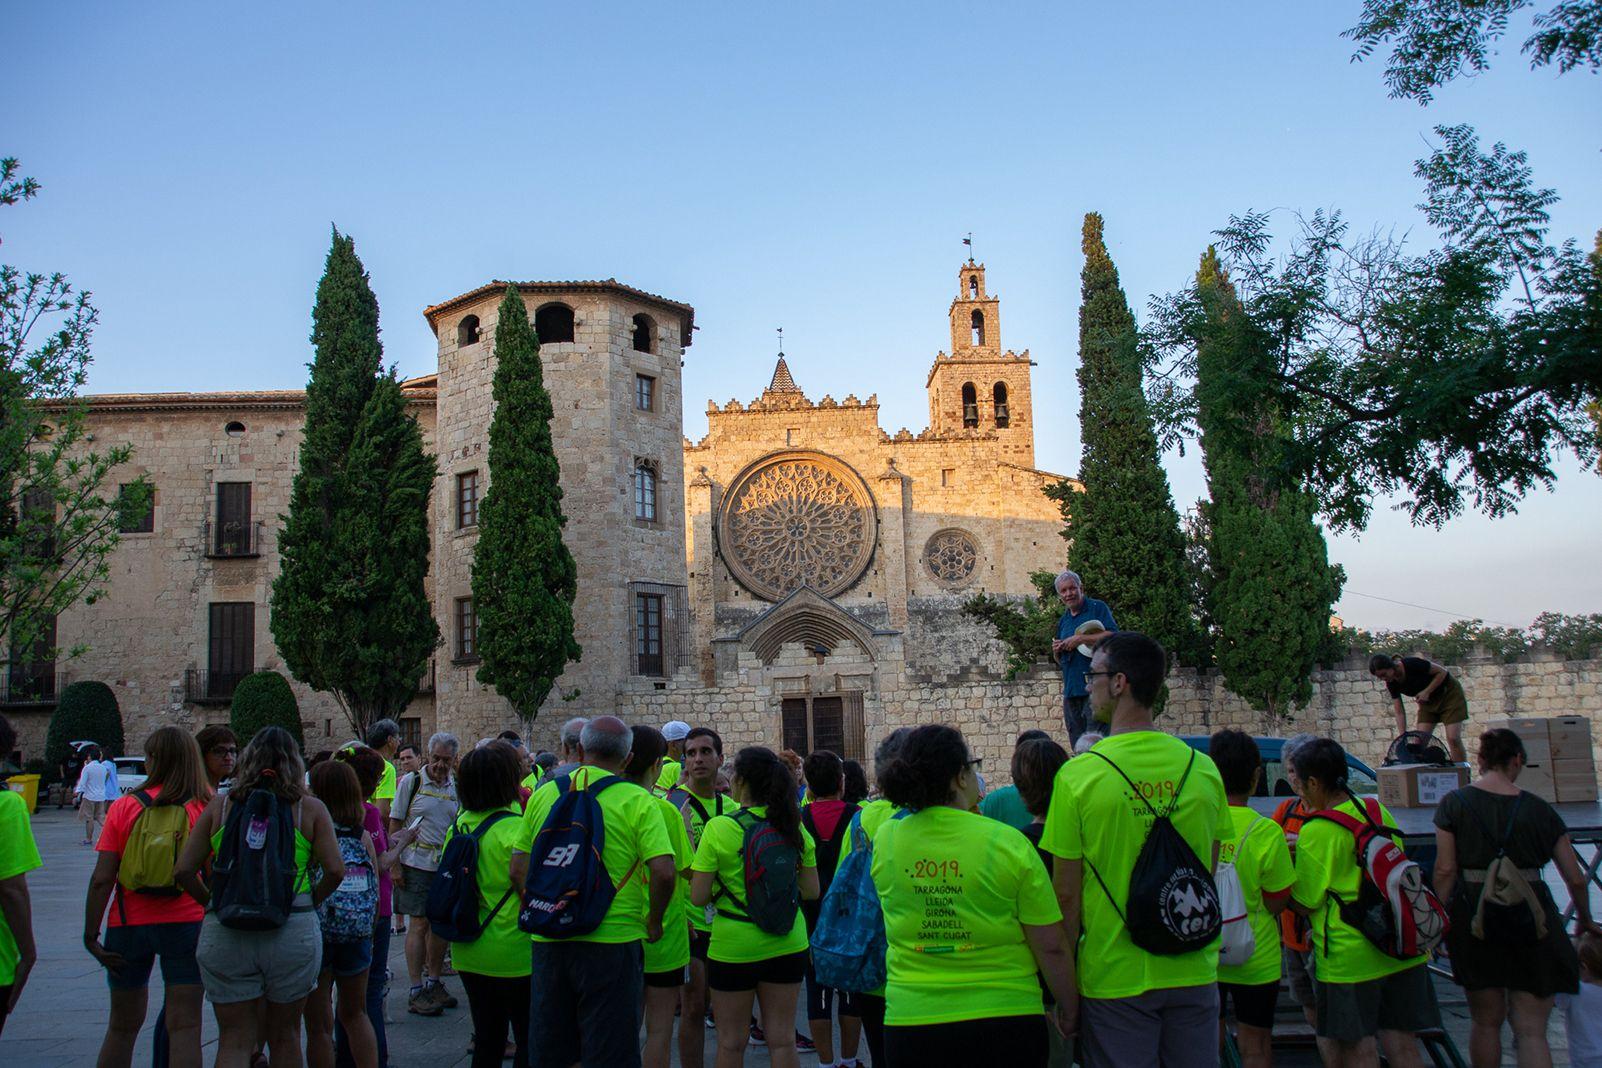 Caminada de la llum a Sant Cugat. Foto: Silvia Polanco